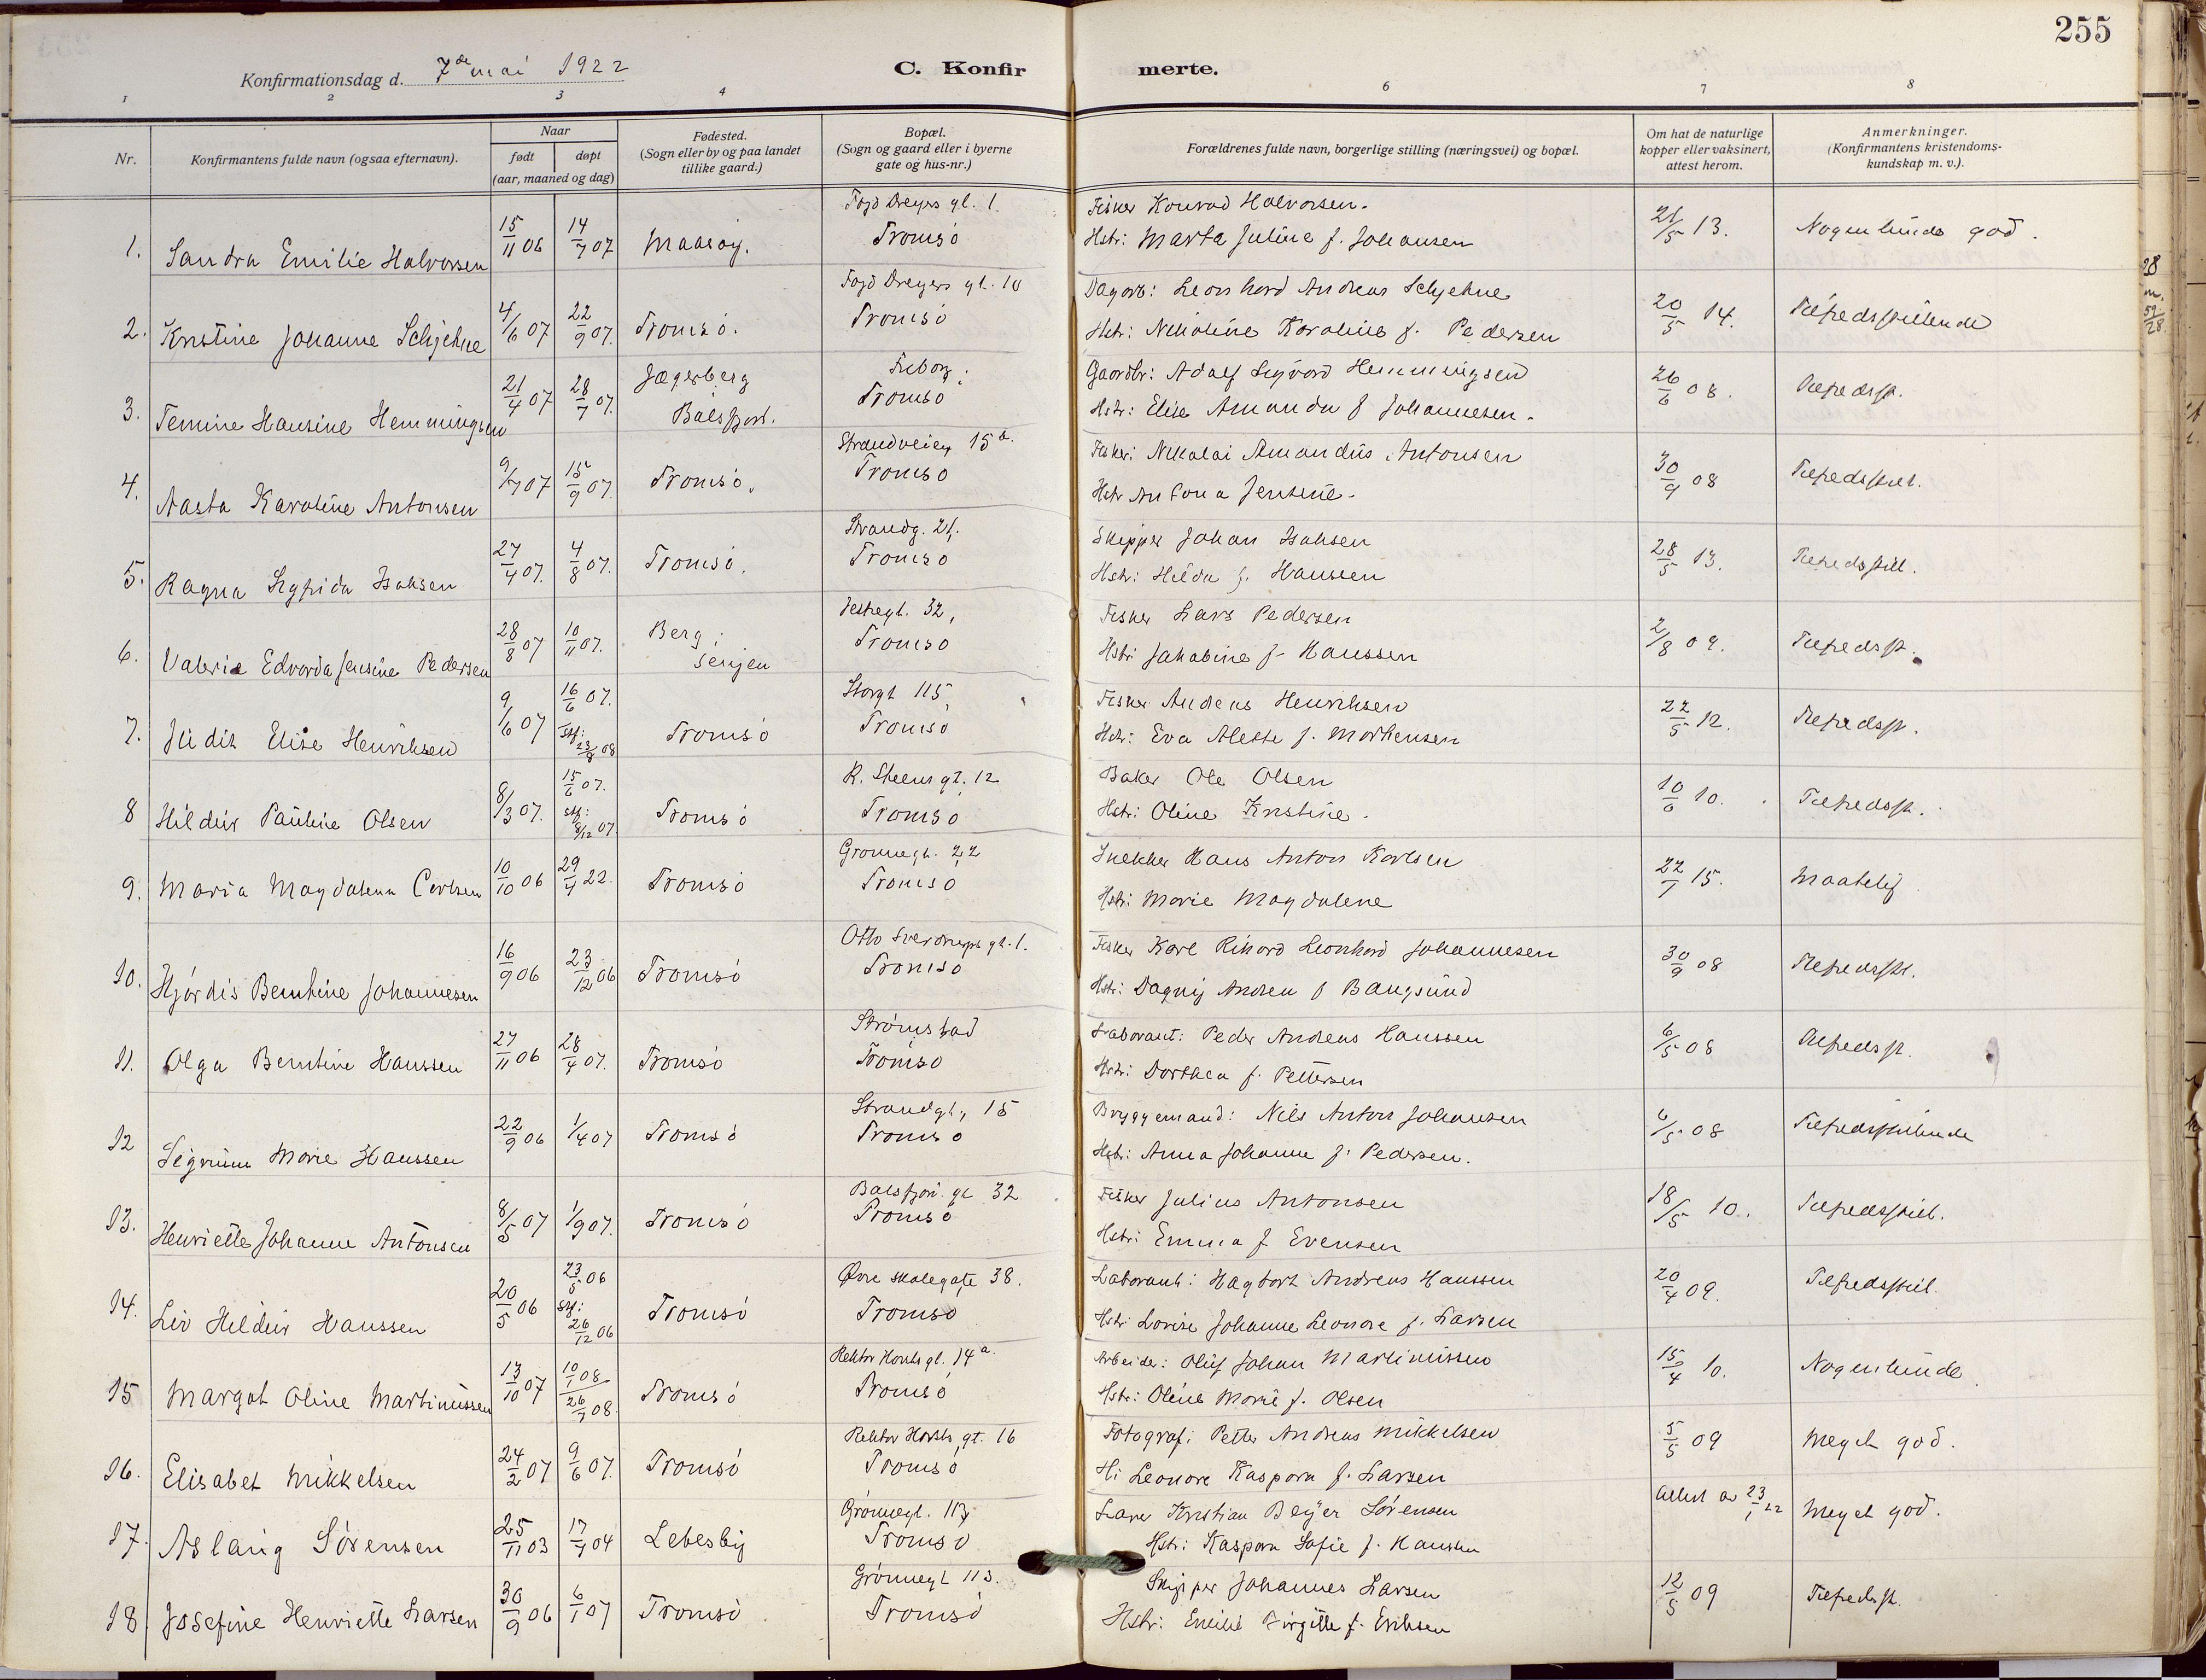 SATØ, Tromsø sokneprestkontor/stiftsprosti/domprosti, G/Ga/L0019kirke: Ministerialbok nr. 19, 1917-1927, s. 255